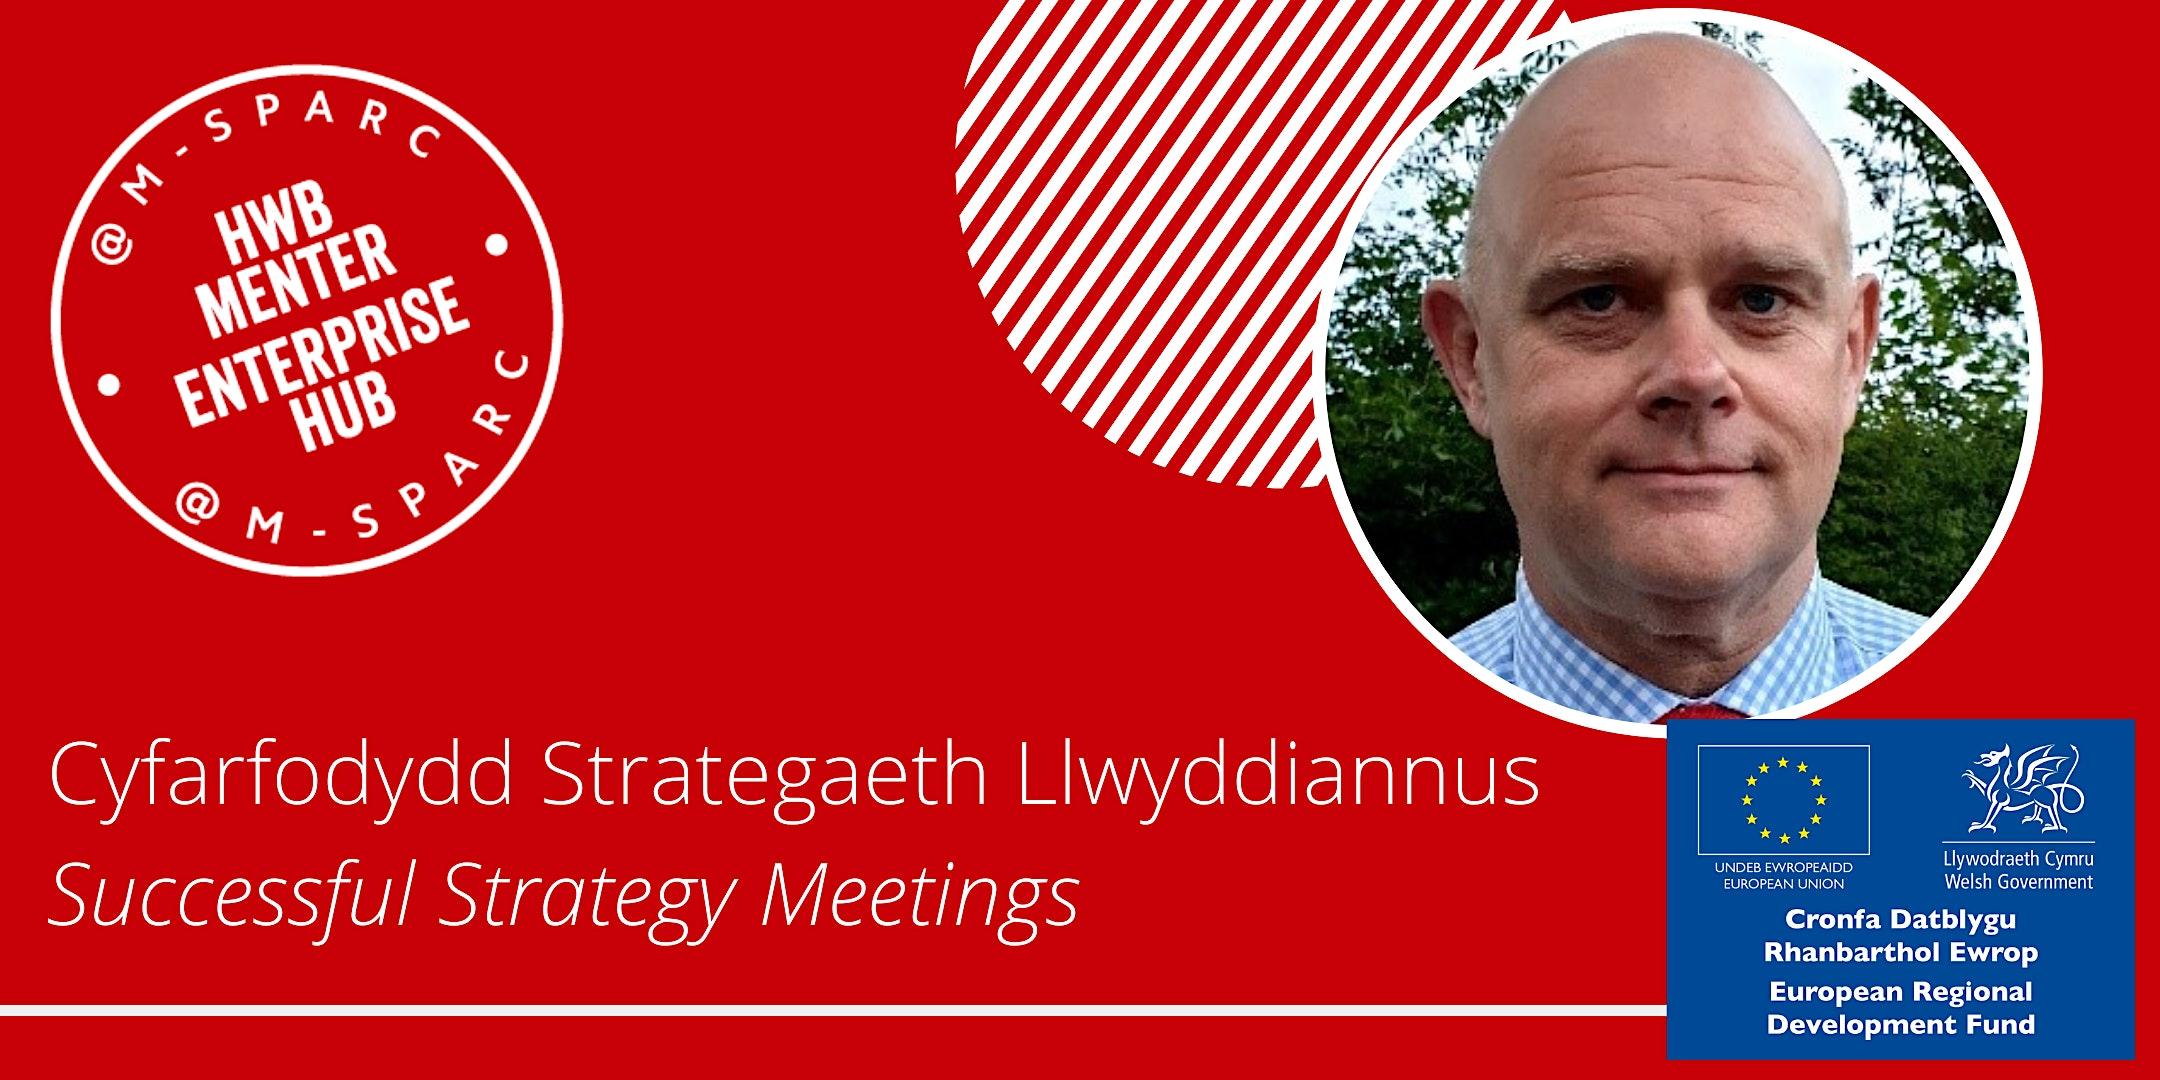 Covid-19:  Cyfarfod Strategaeth Llwyddiannus / Successful Strategy Meeting